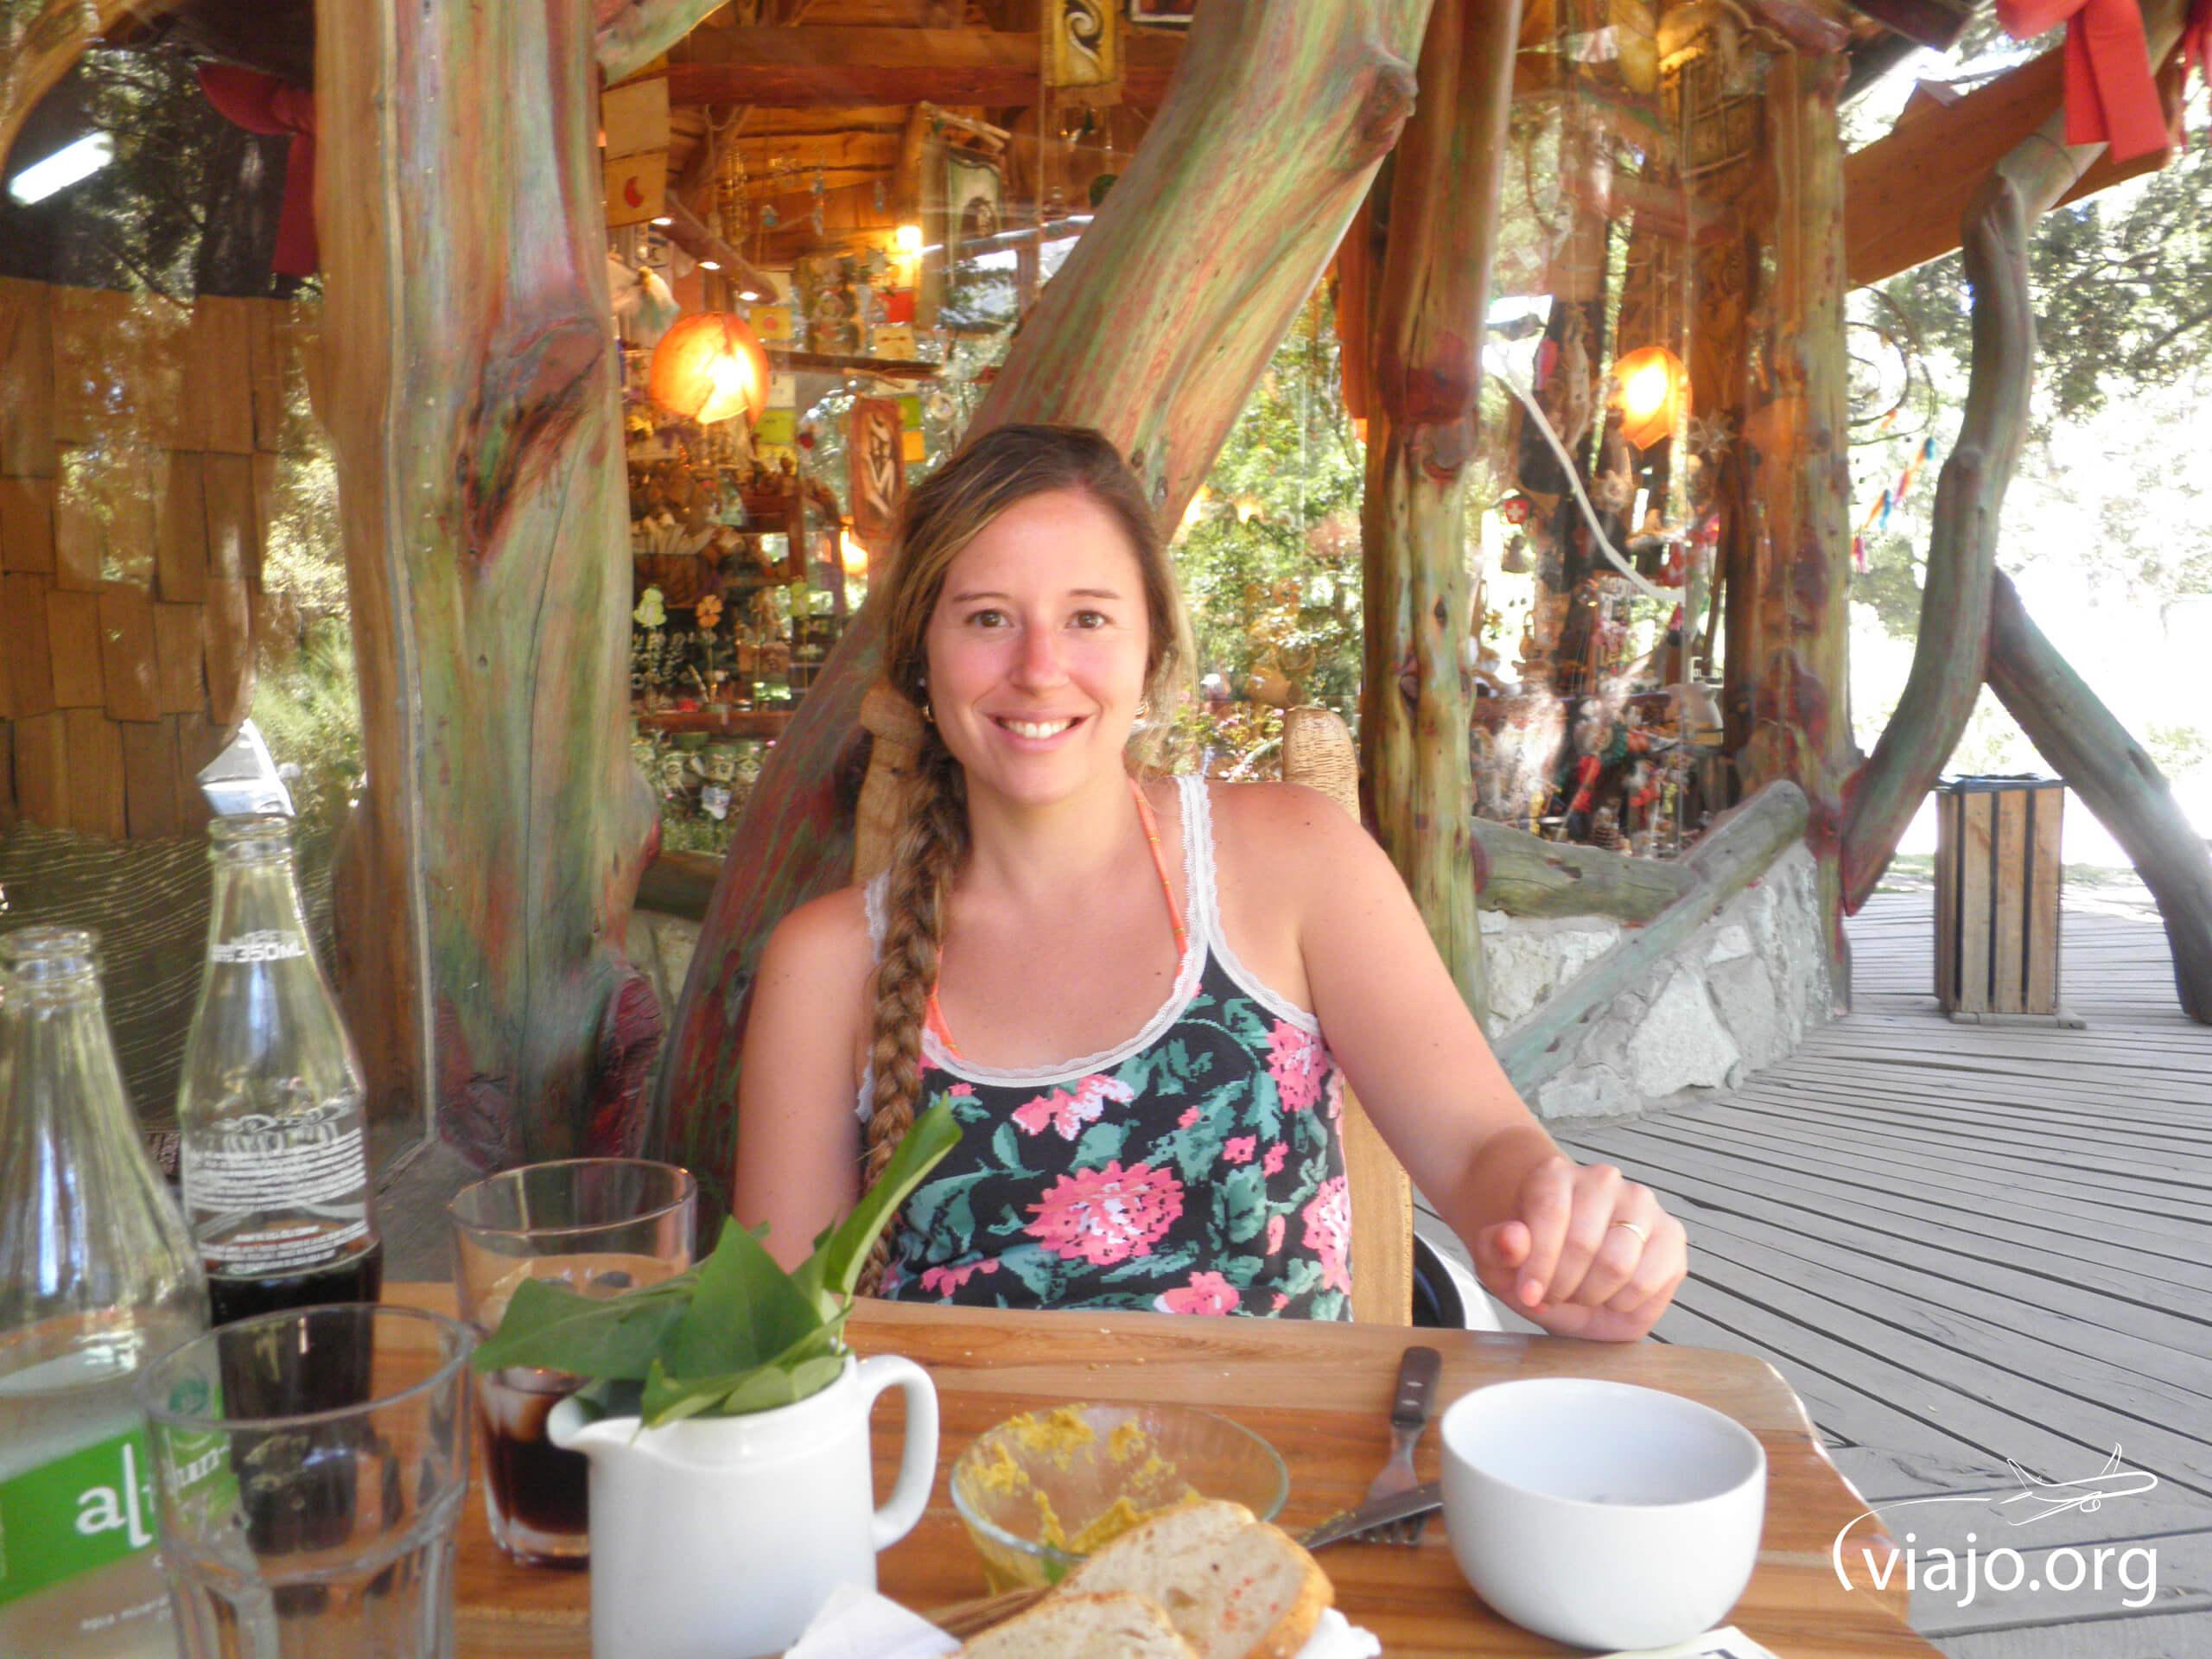 Almorzando en Colonia Suiza